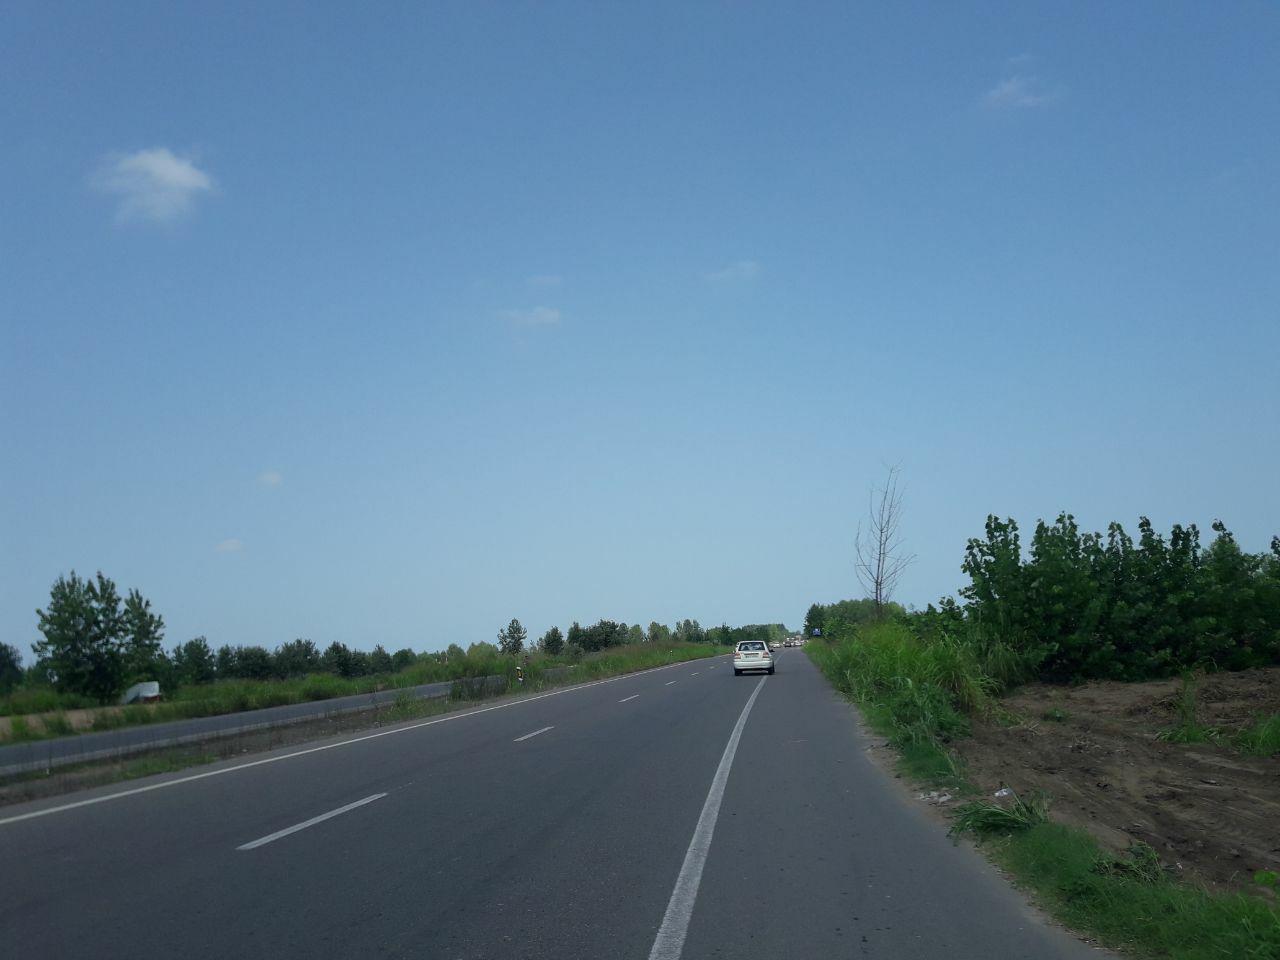 فروش زمین 1600 متری بر جاده کیاشهر